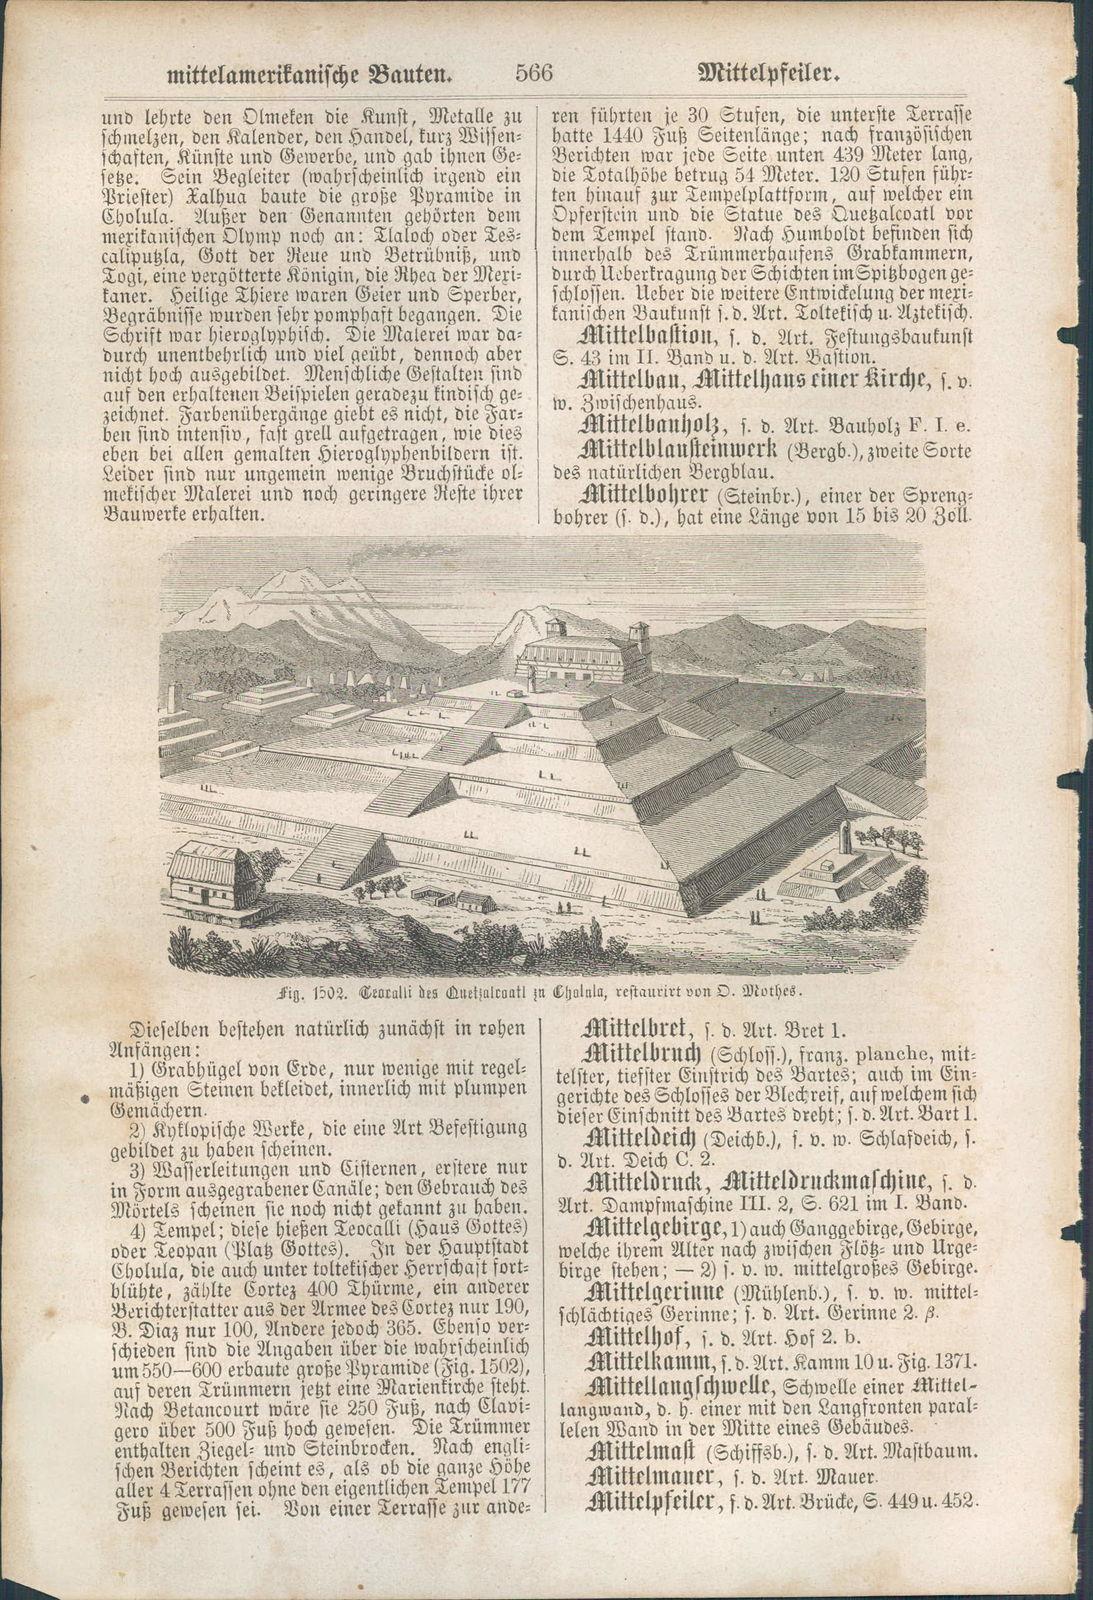 KD3574 - Stich Druck - 1866 - Ceoralli des Quetzalcoatl zu Cholala